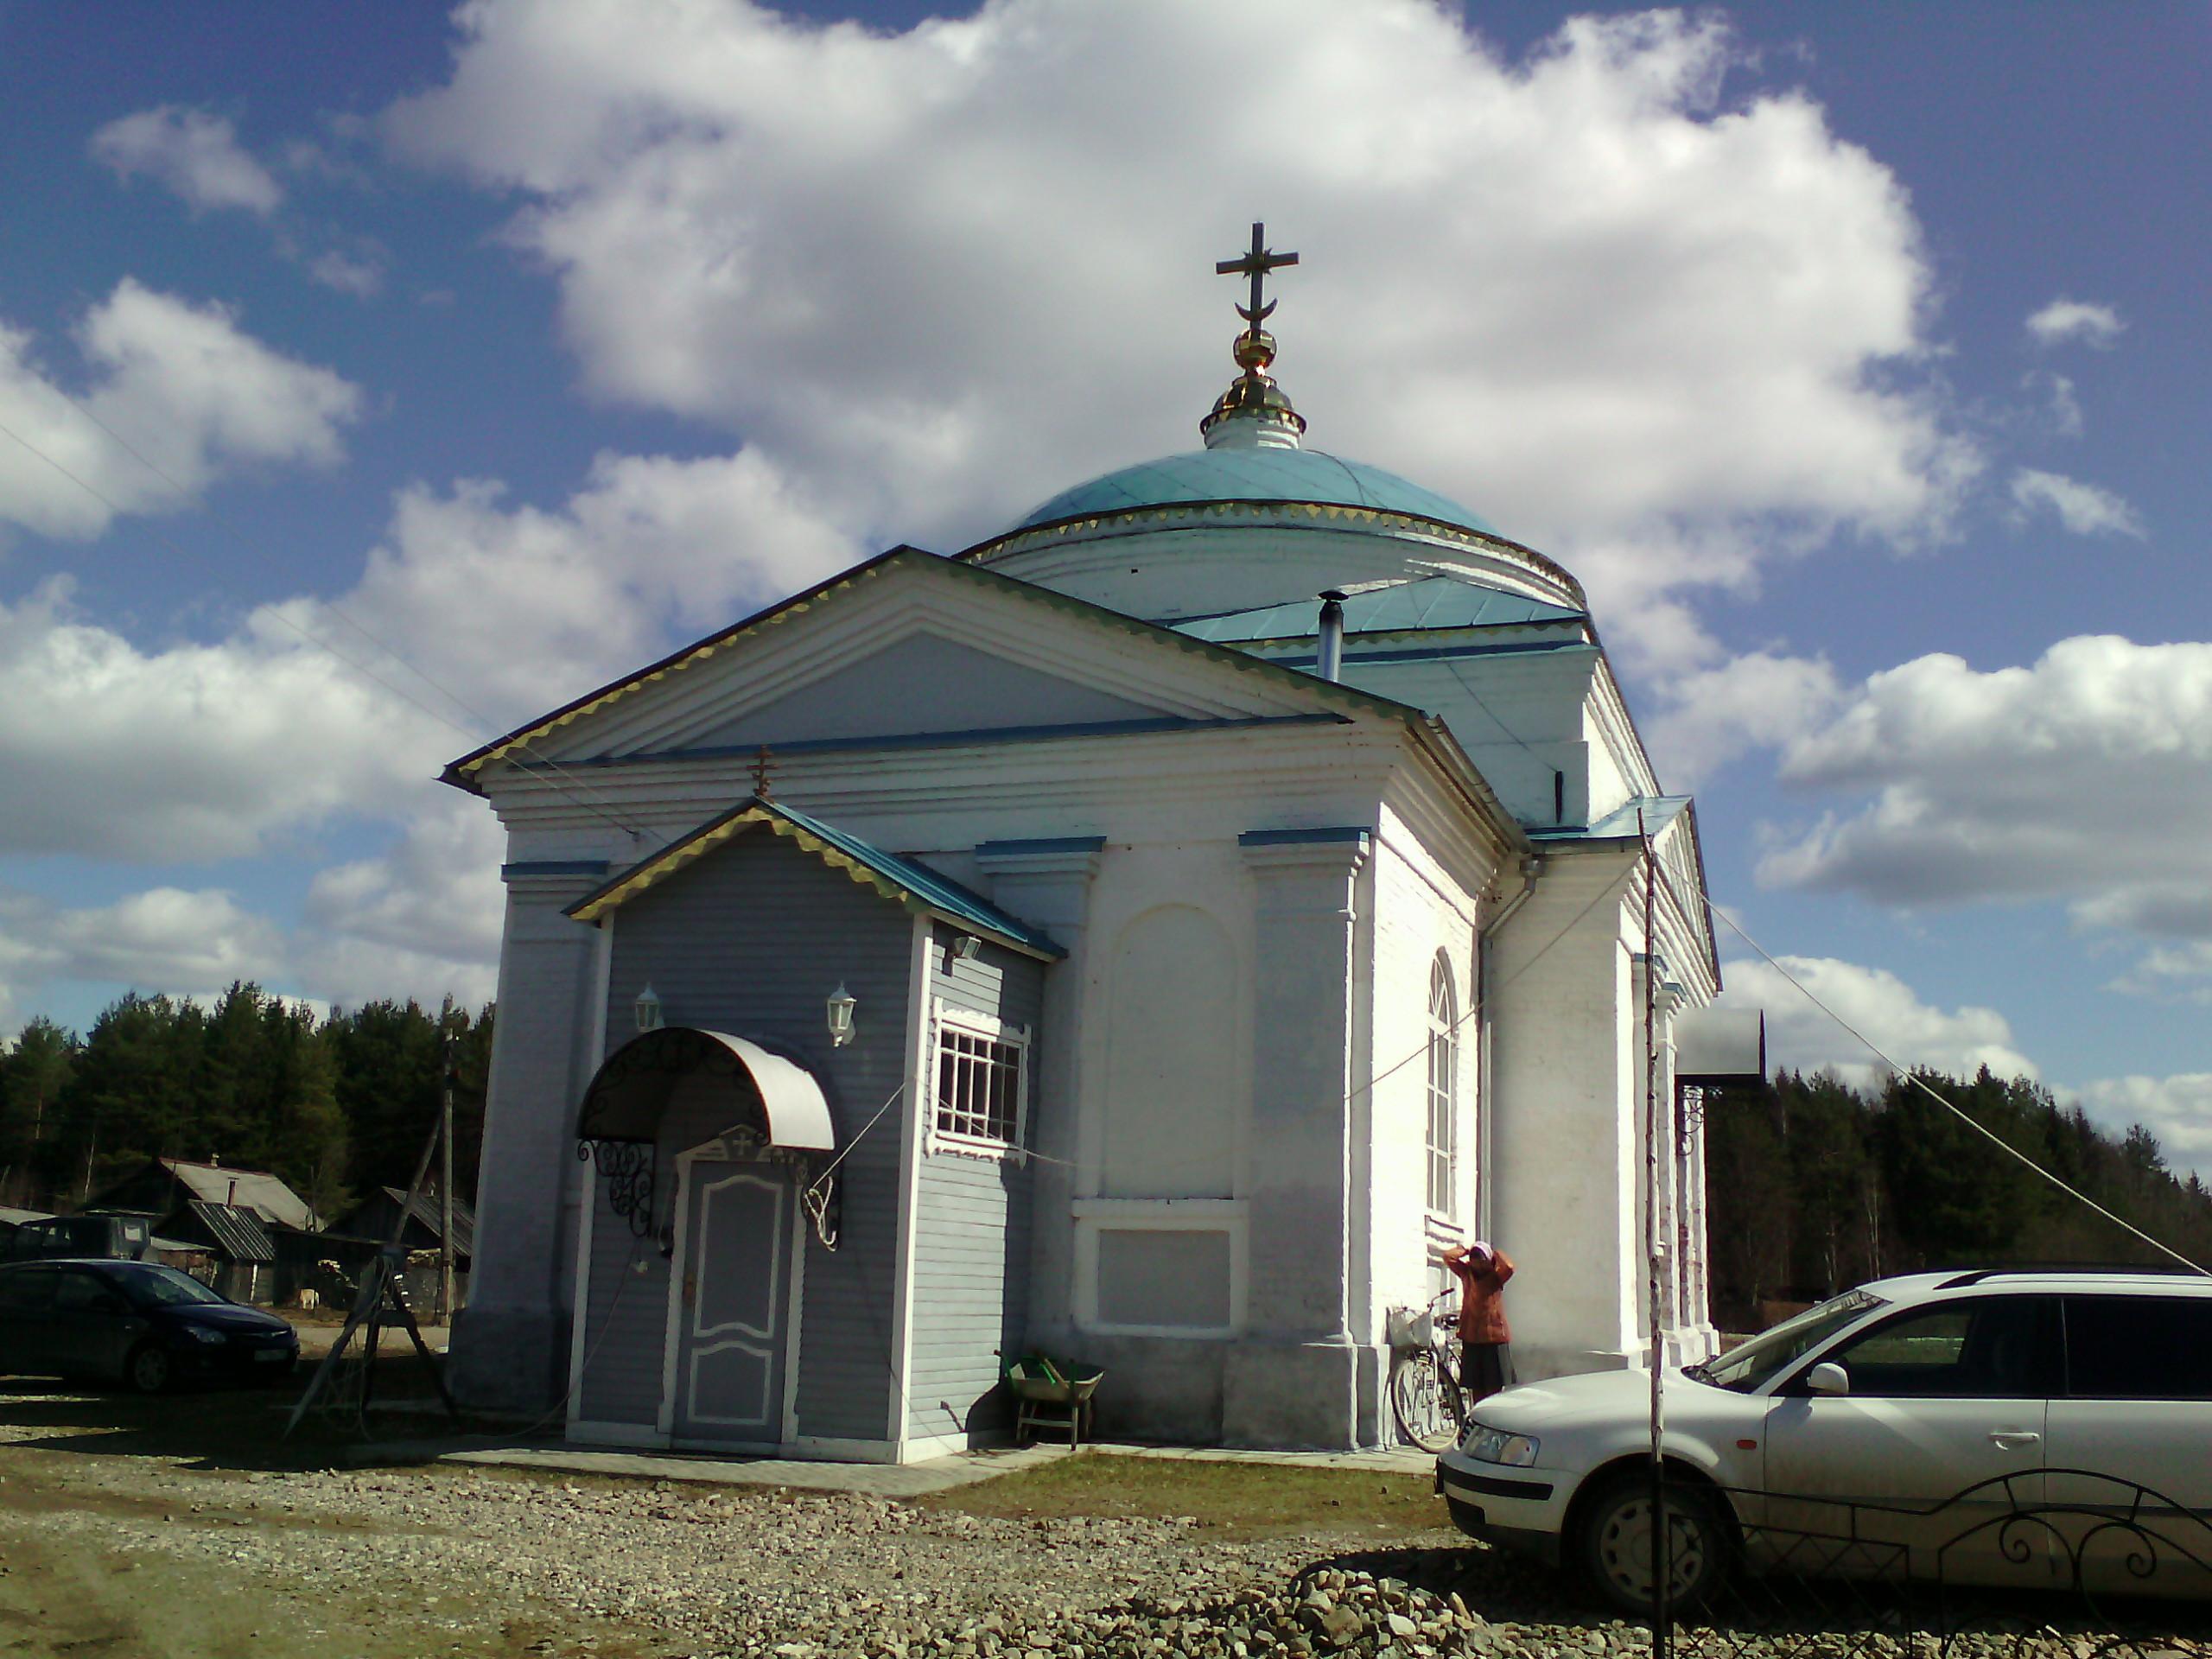 Церковь Дмитрия Солунского. фото М.Шейко, 24 апреля 2016 года.